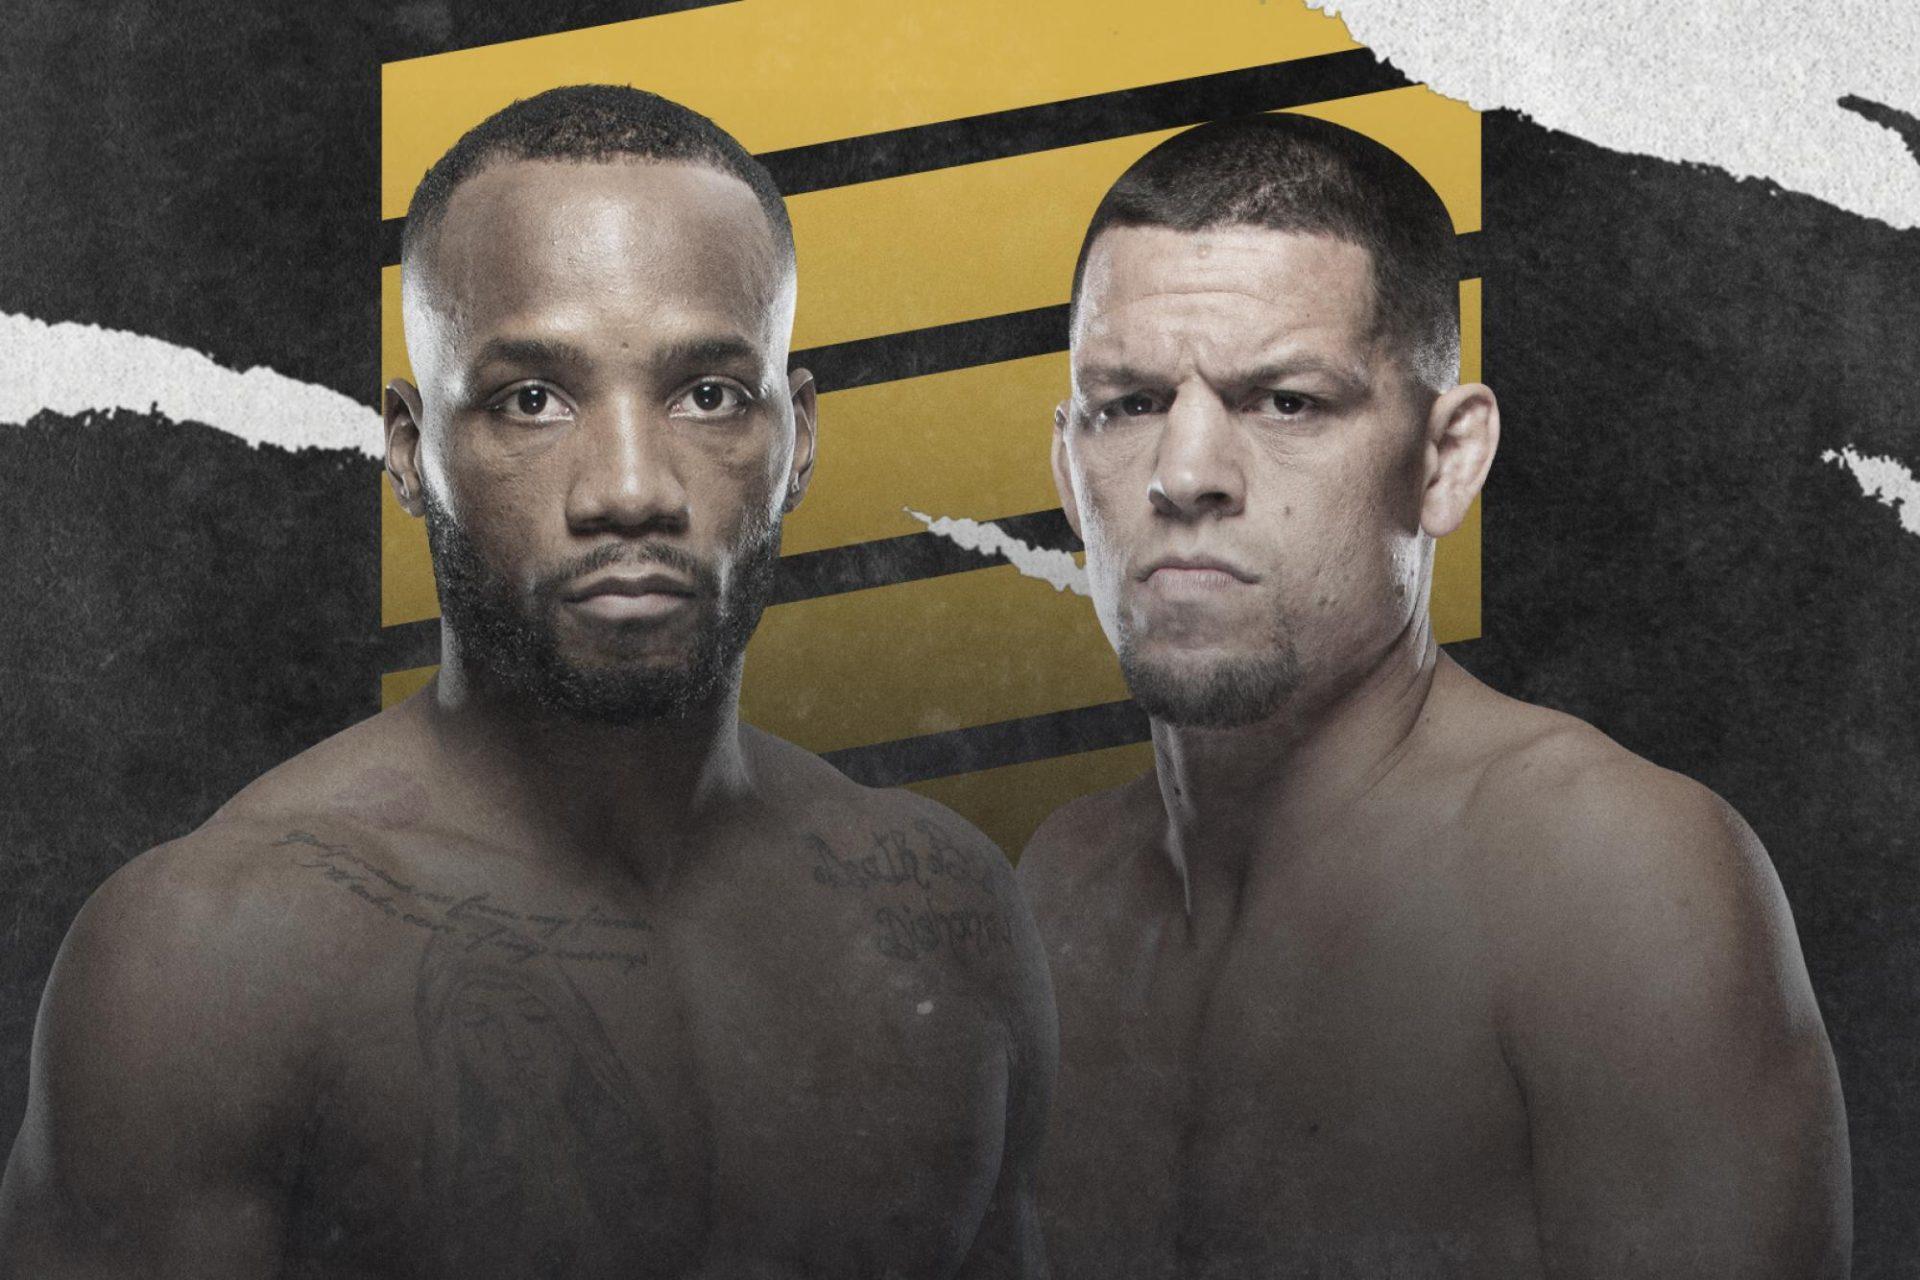 Leon Edwards vows to finish Nate Diaz at UFC 263 - Edwards